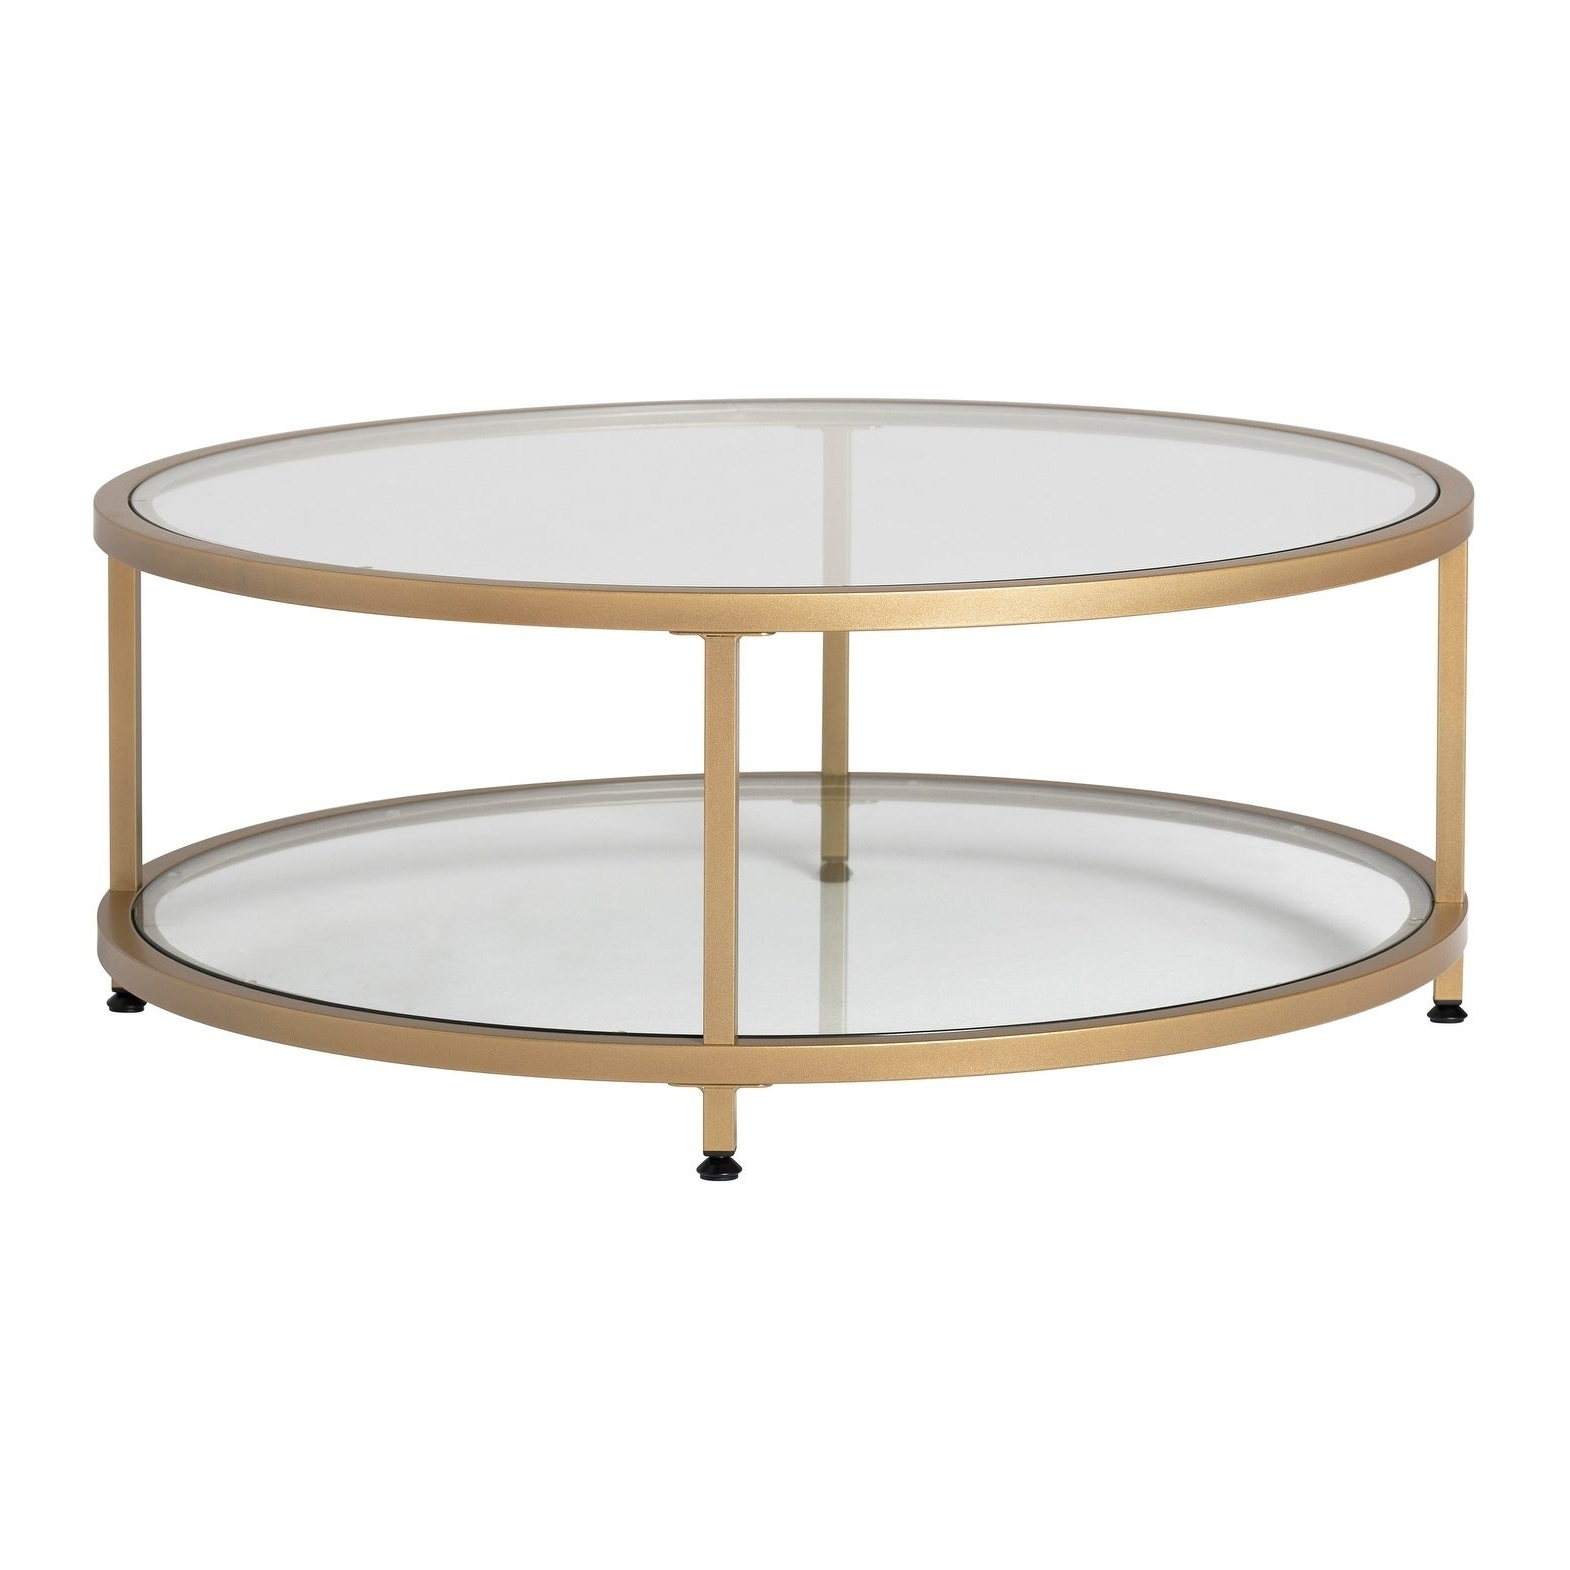 Trendy Carbon Loft Heimlich Pewter Steel/glass Round Coffee Tables Inside Carbon Loft Heimlich Pewter Steel/glass Round Coffee Table (View 18 of 20)